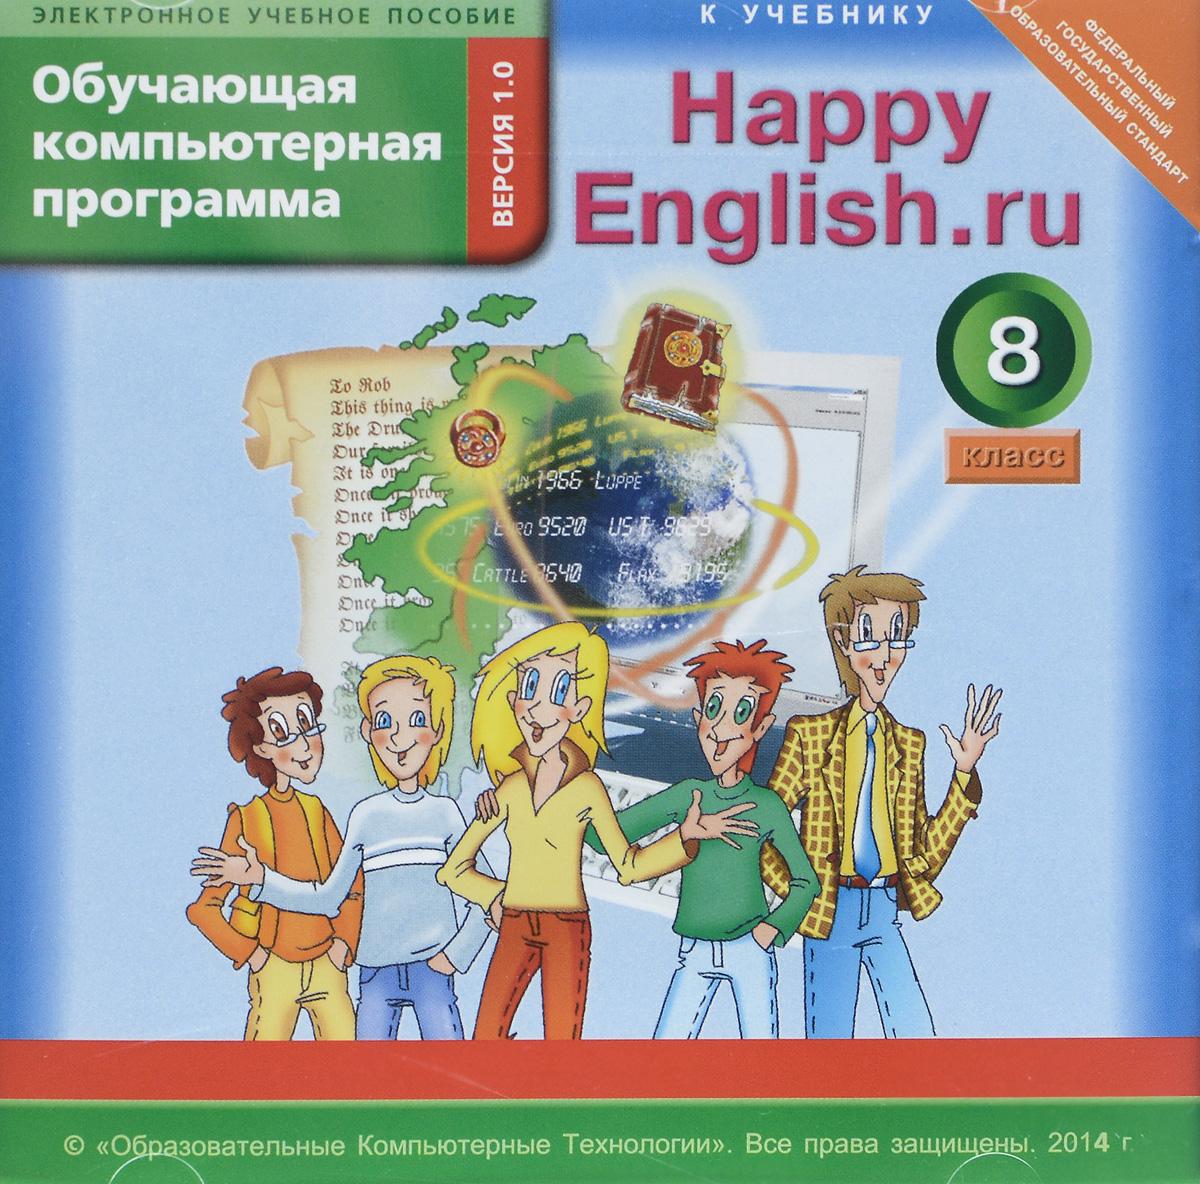 Happy English.ru 8 / Счастливый английский.ру. 8 класс. Обучающая компьютерная программа